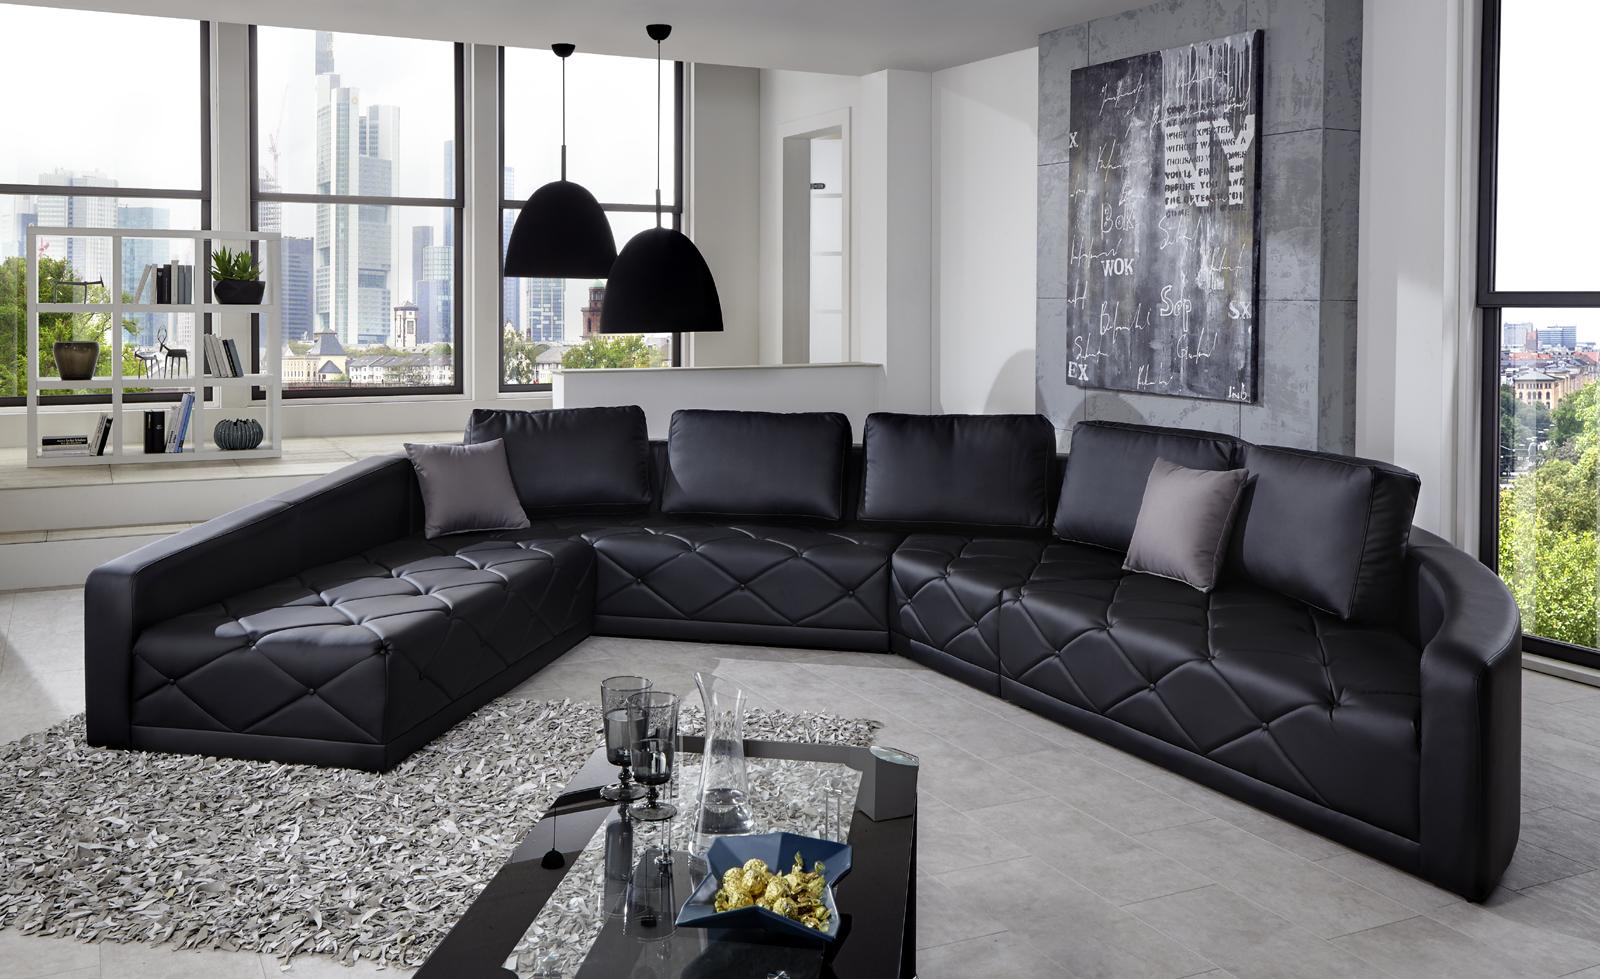 Stunning Wohnzimmer Sofa Schwarz Pictures - Amazing Design Ideas ... Designer Wohnzimmer Schwarz